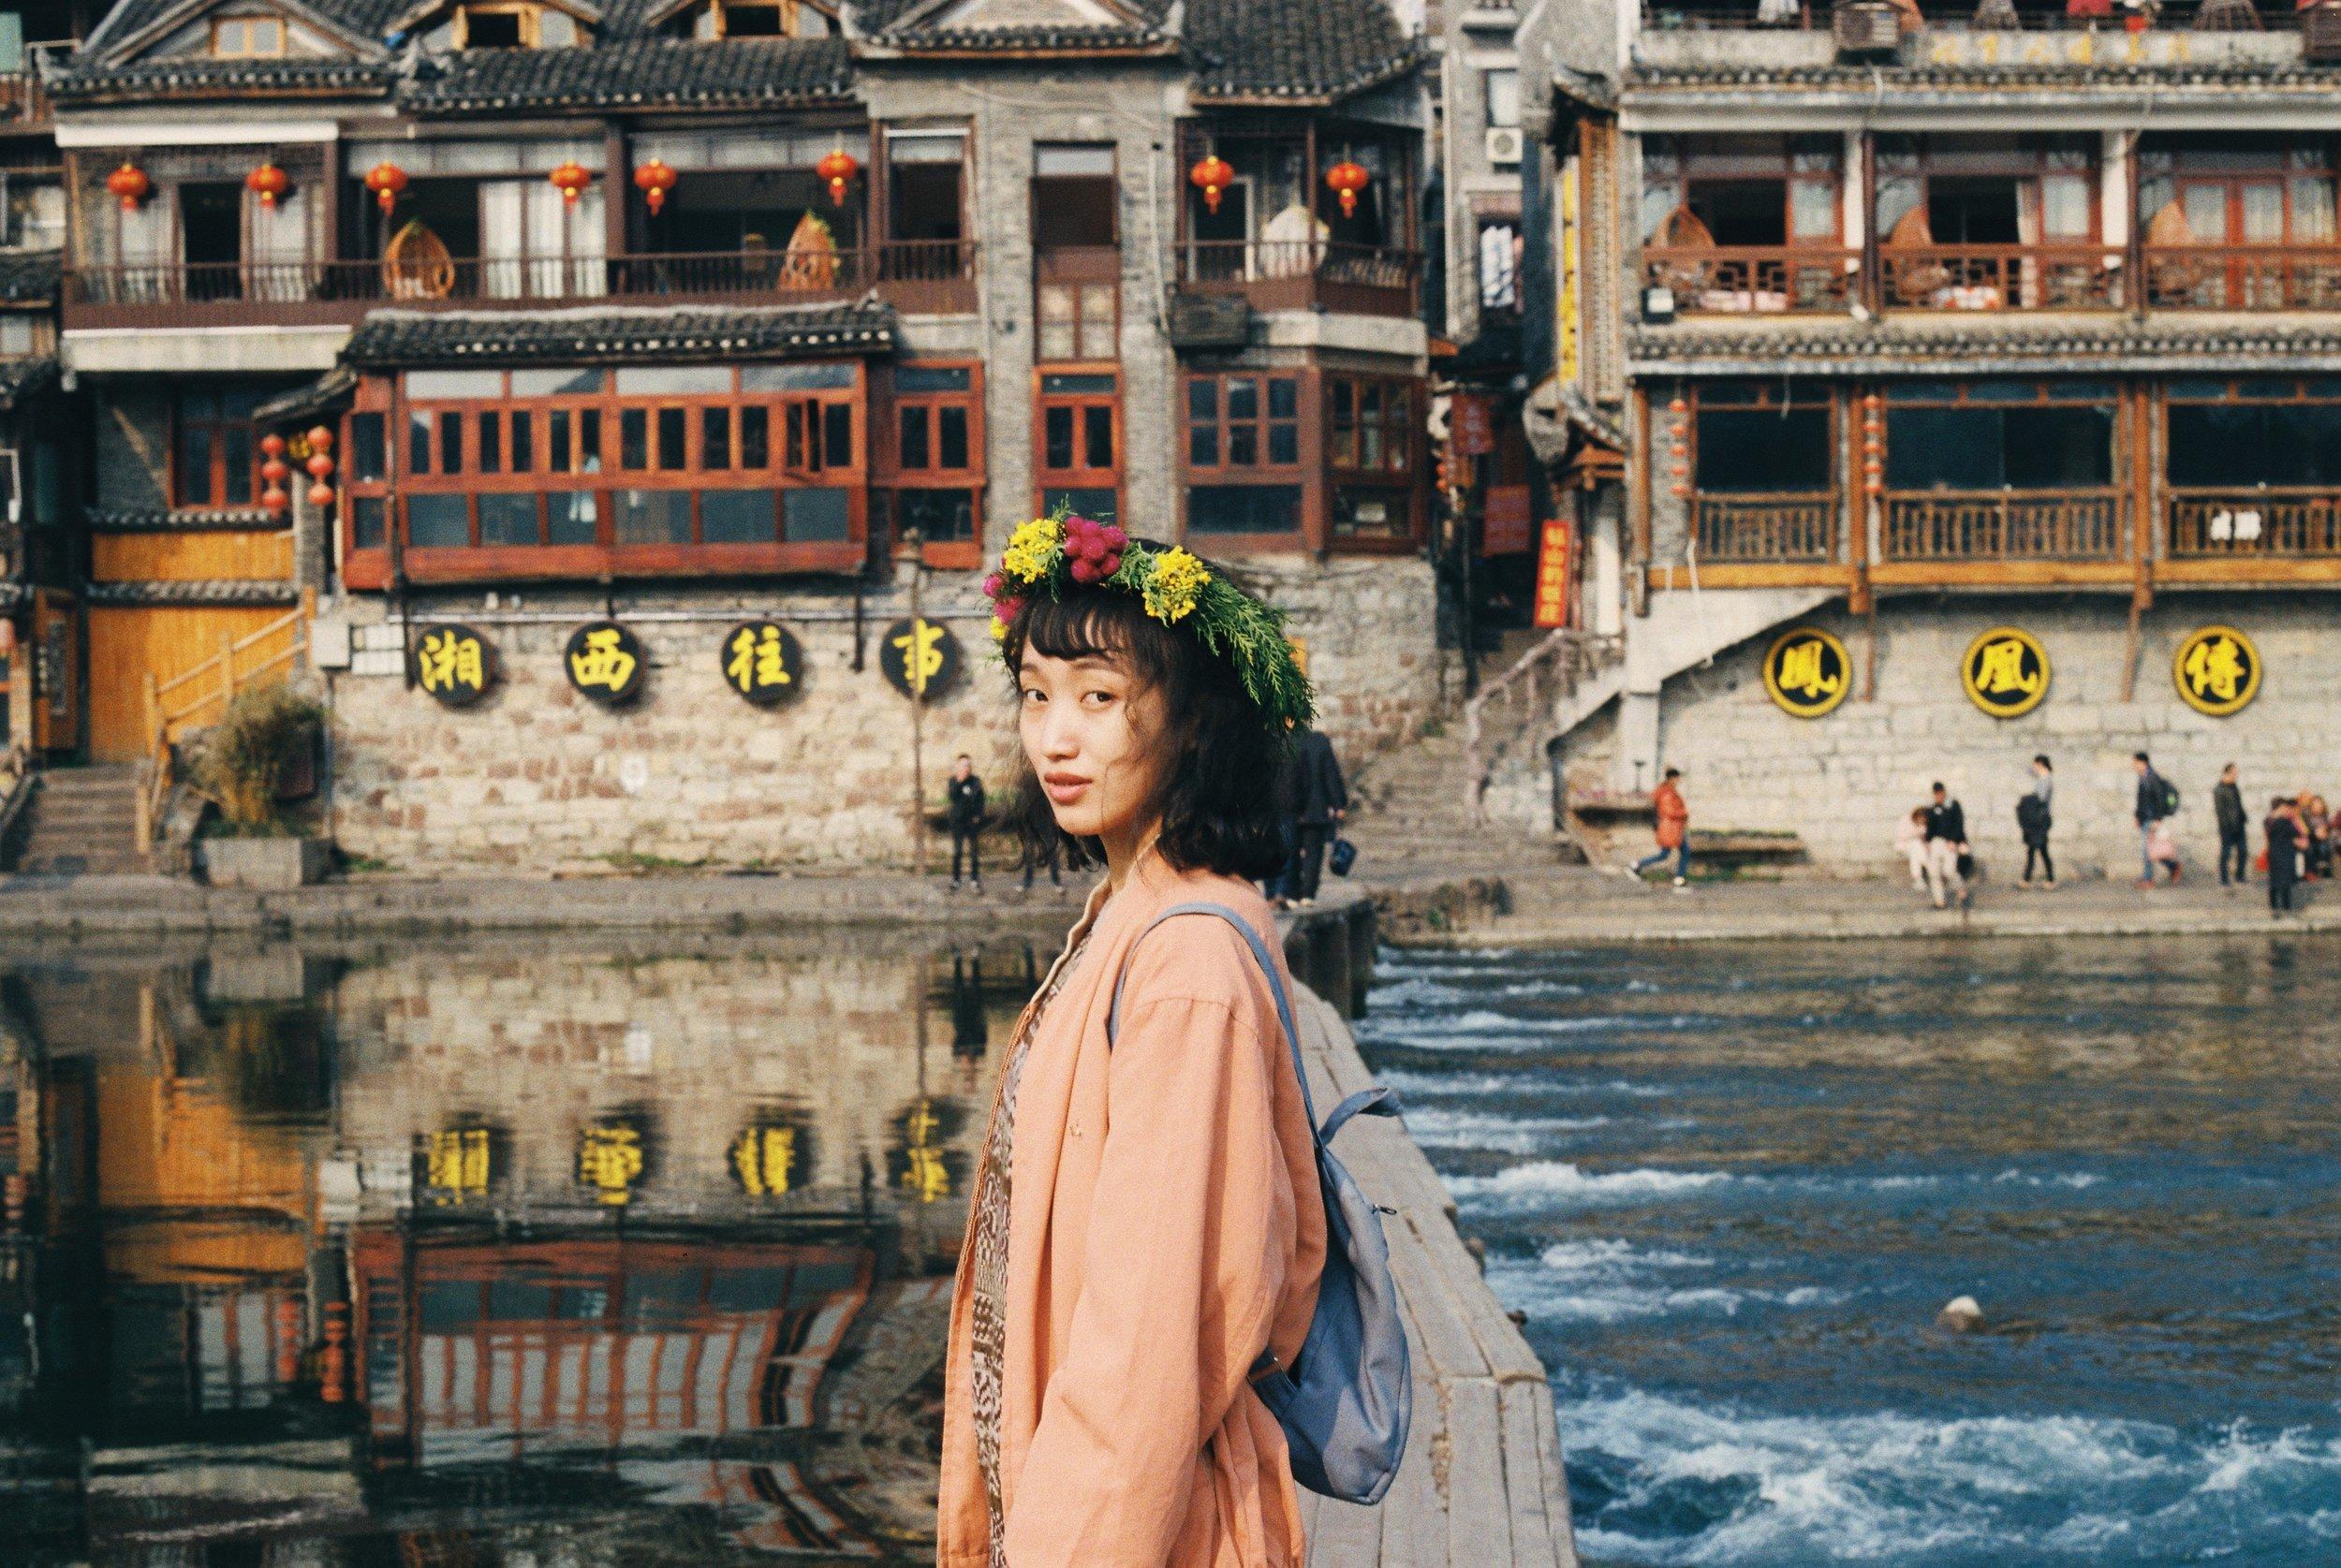 Photo by Diem Nhi Nguyen